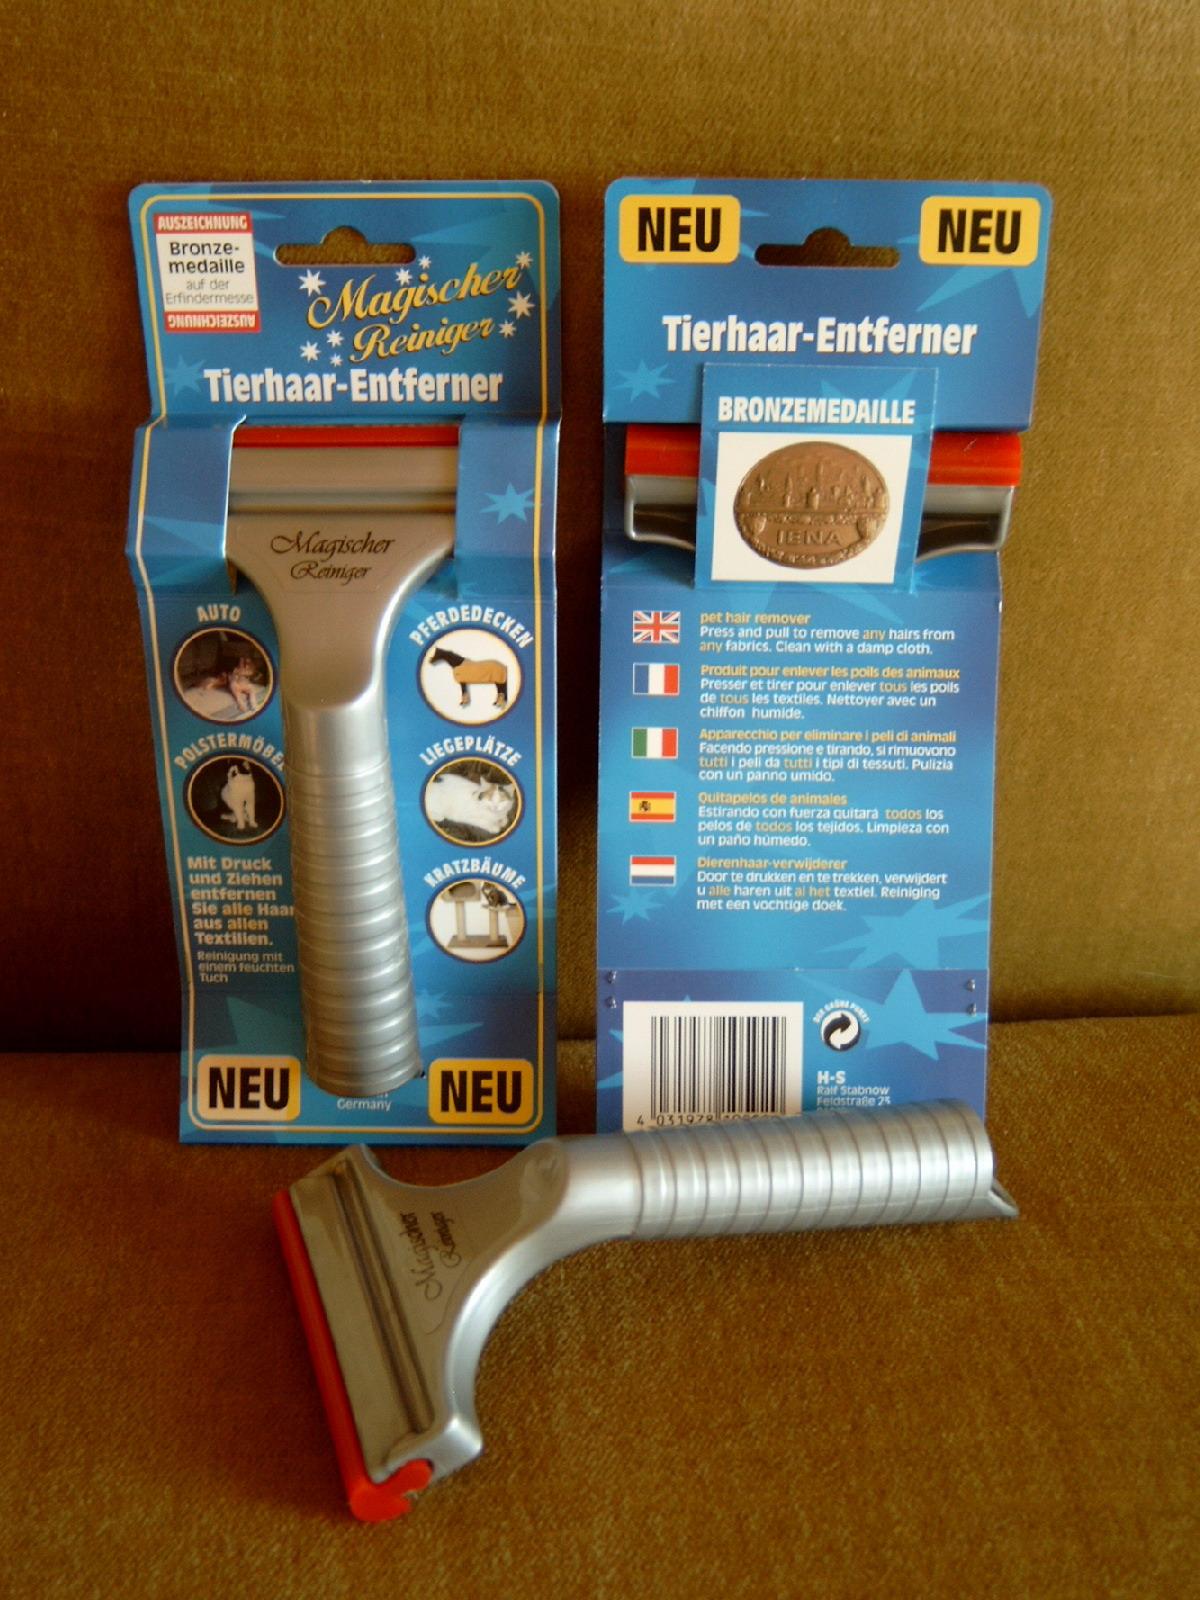 Teppich Reiniger07083020171018 Blomapcom